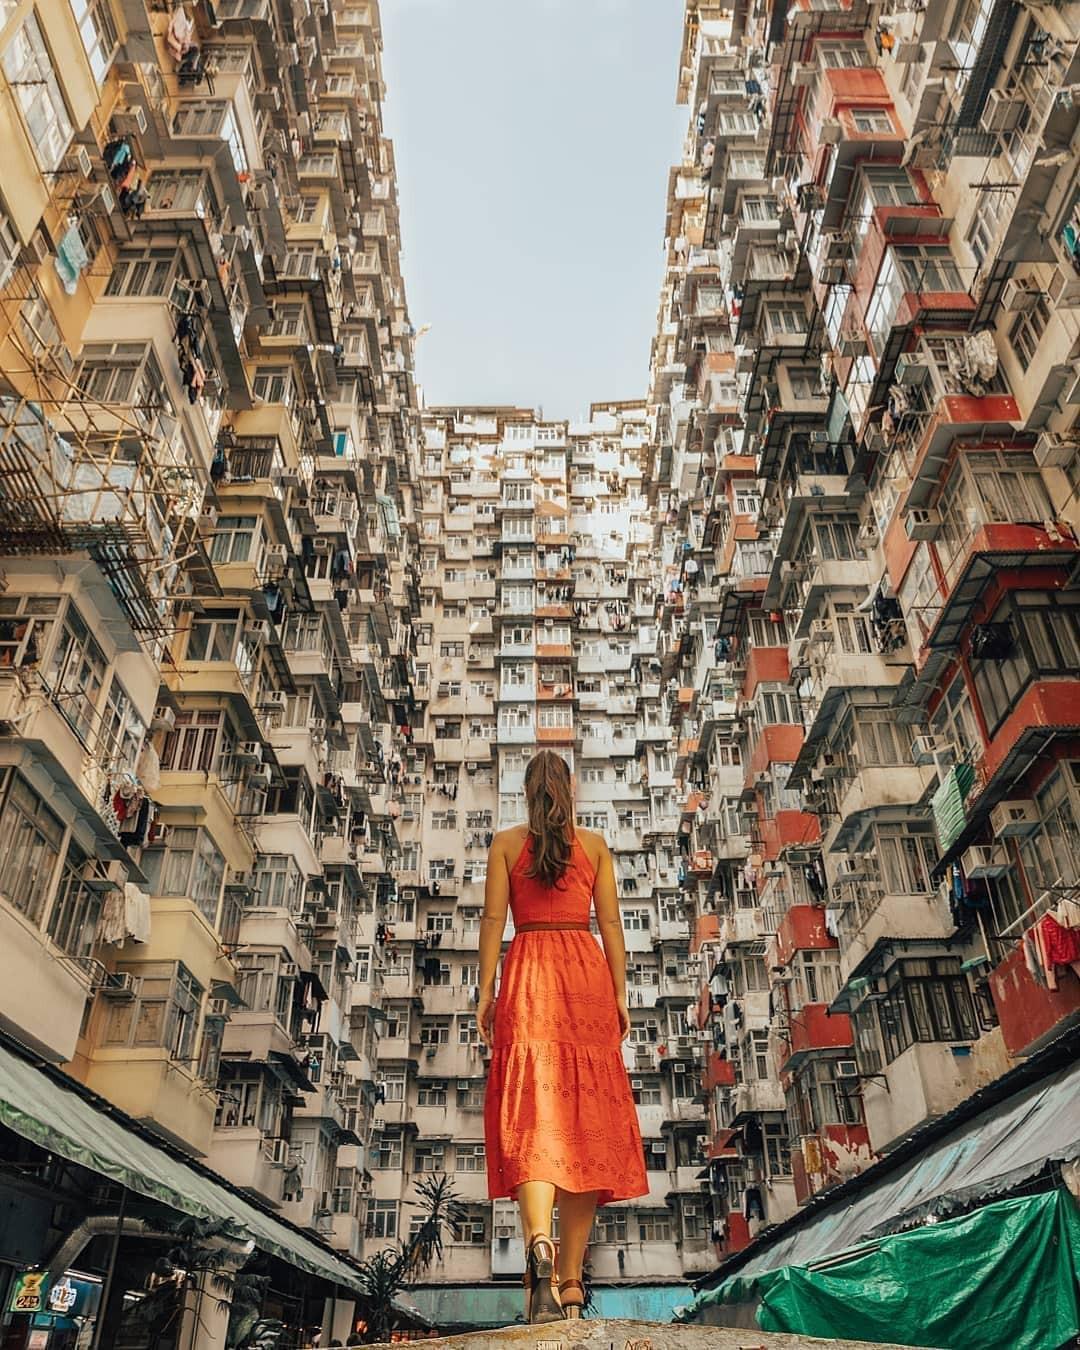 Bỏ túi ngay 8 điểm 'sống ảo' nổi tiếng ở Hong Kong, vị trí thứ 2 hot đến nỗi còn lọt vào top được check-in nhiều nhất trên Instagram! - Ảnh 11.